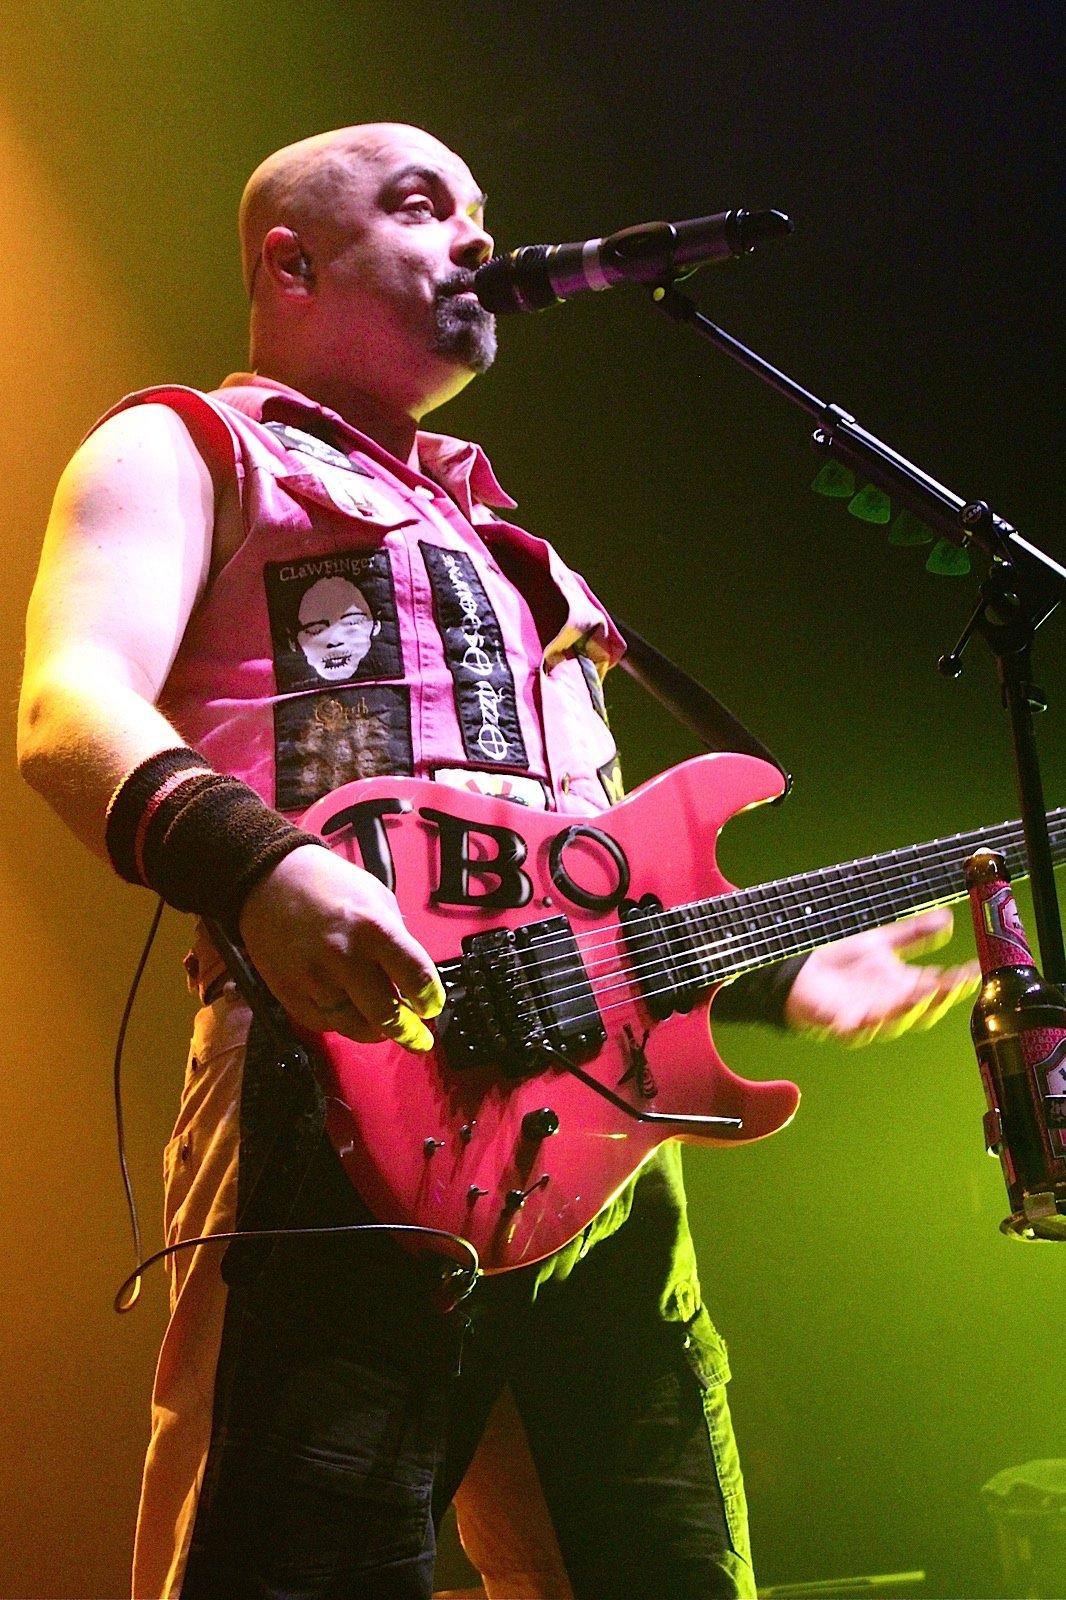 J.B.O. @ Rockhal Esch-sur-Alzette, 19.11.2011 - Foto von Andrea Jaeckel-Dobschat - 005